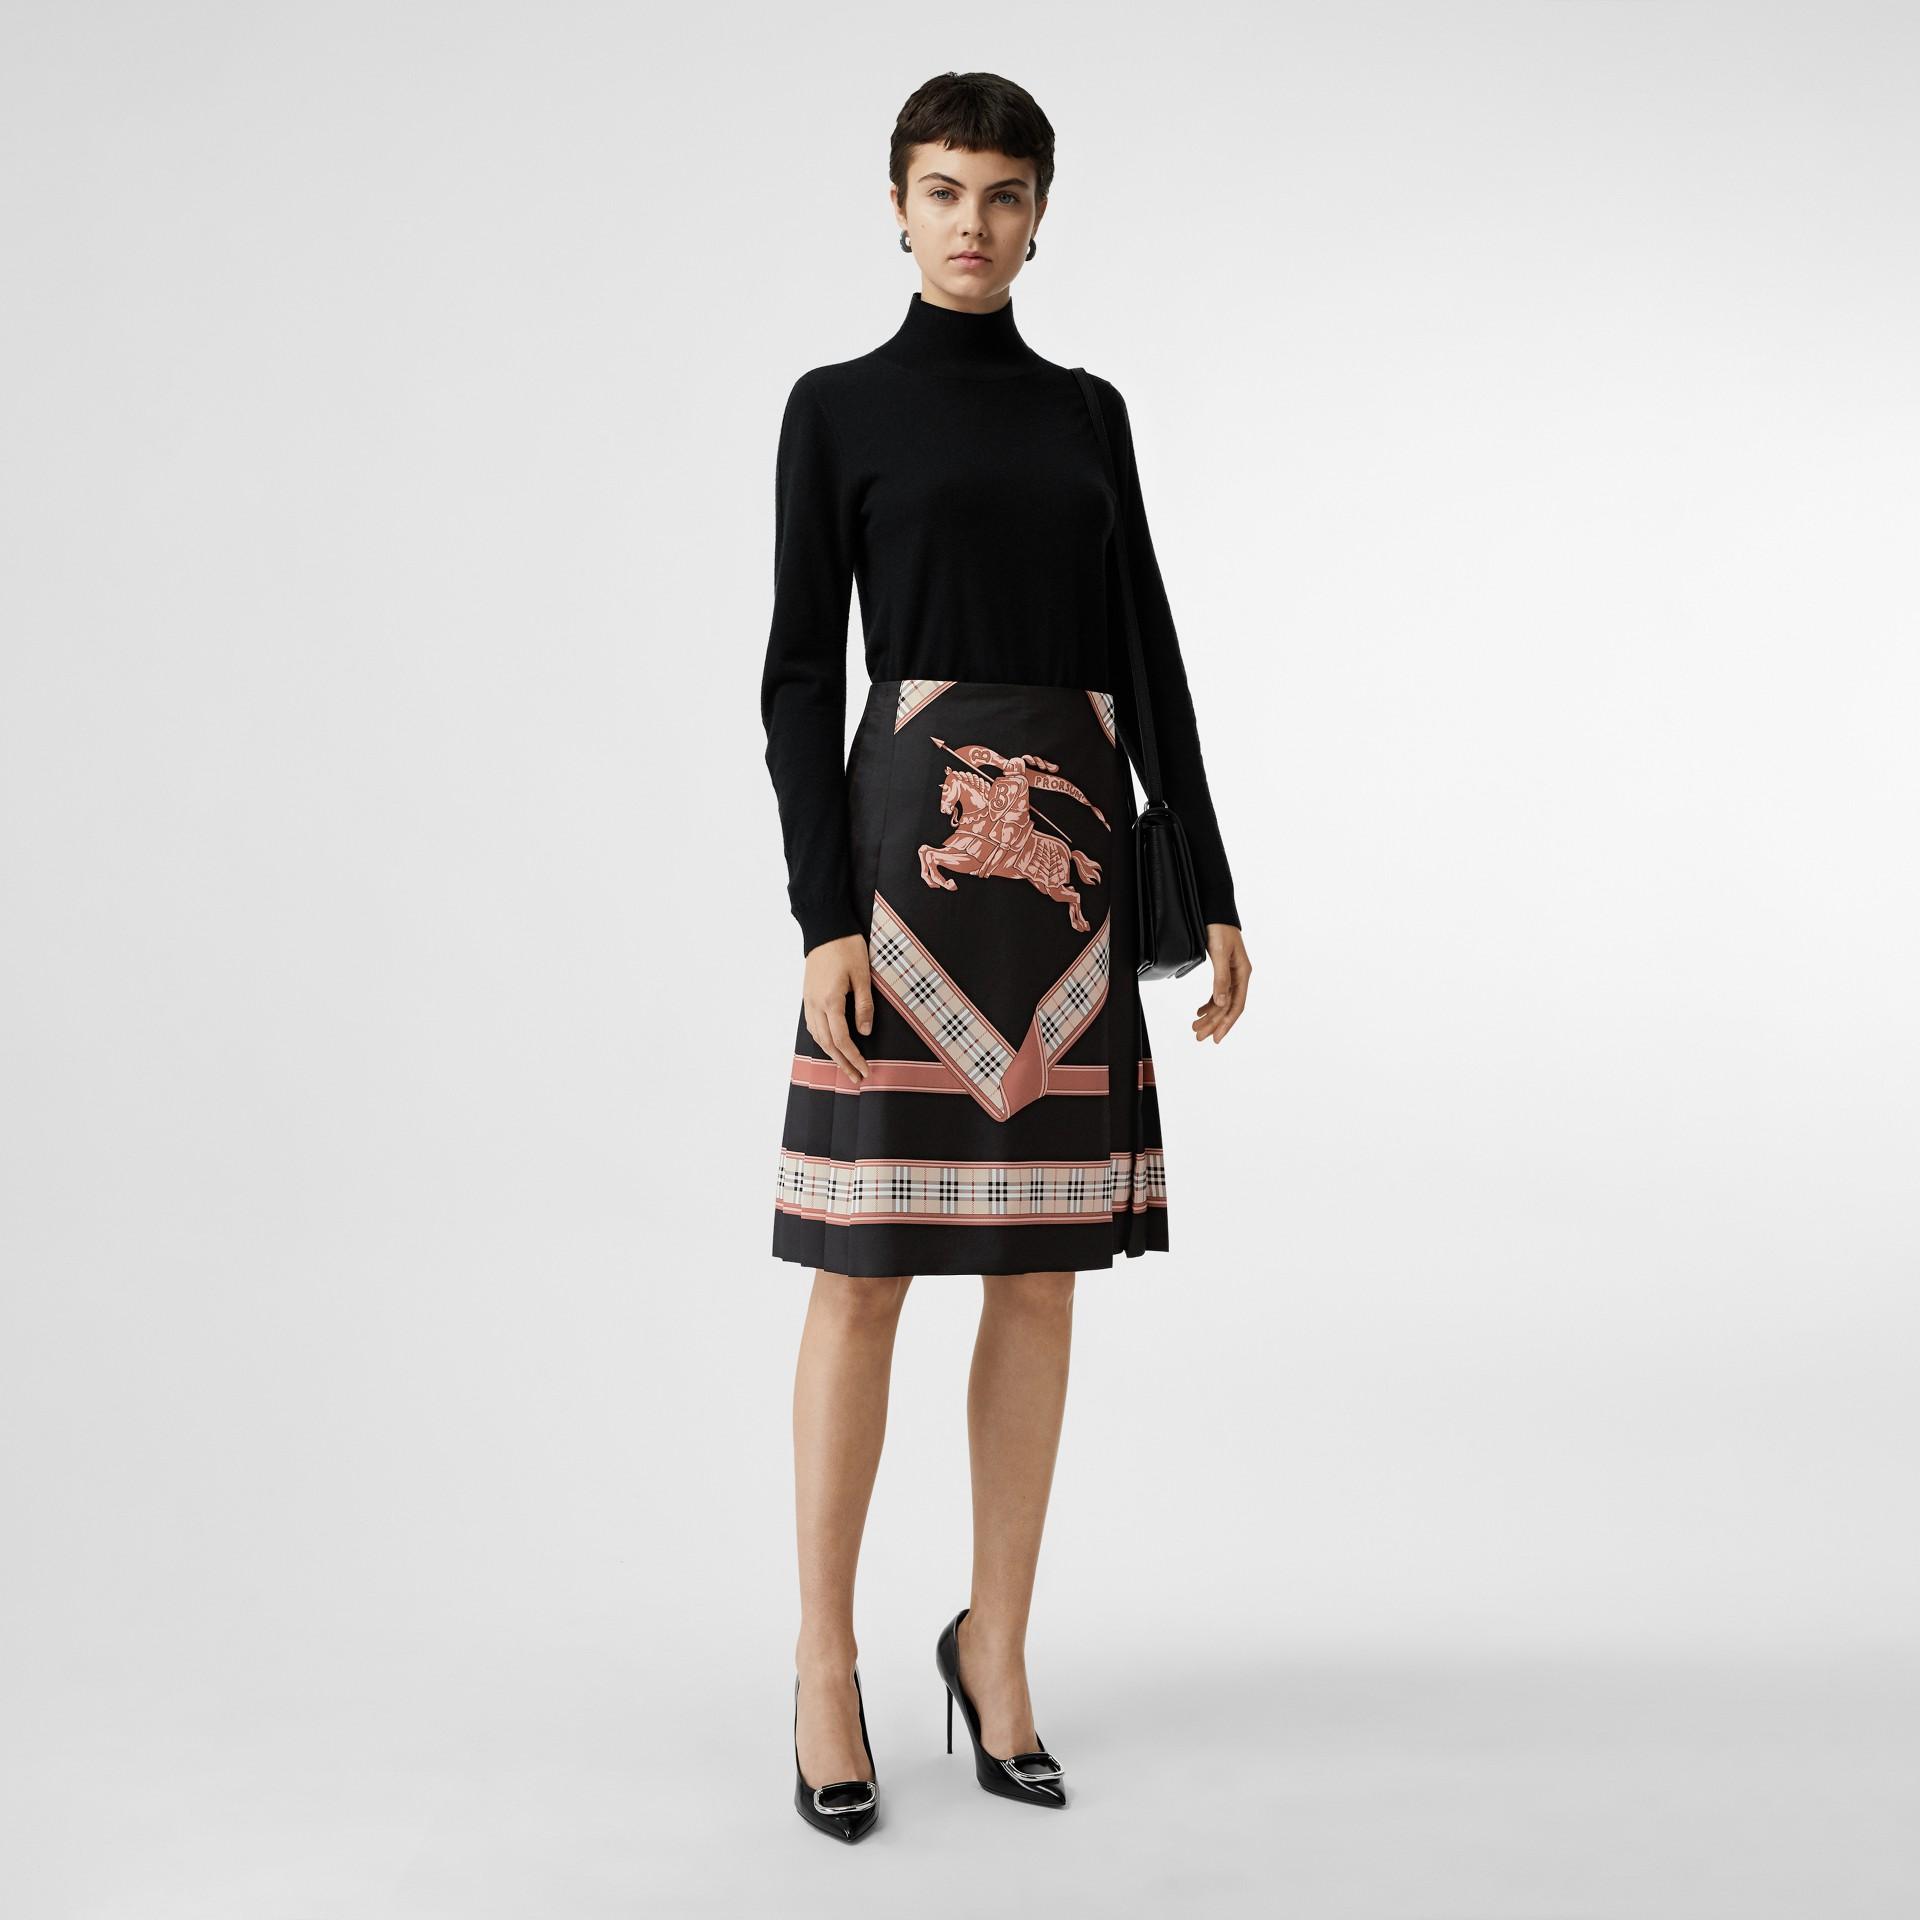 典藏圍巾印花蘇格蘭裙 (多色) - 女款 | Burberry - 圖庫照片 0